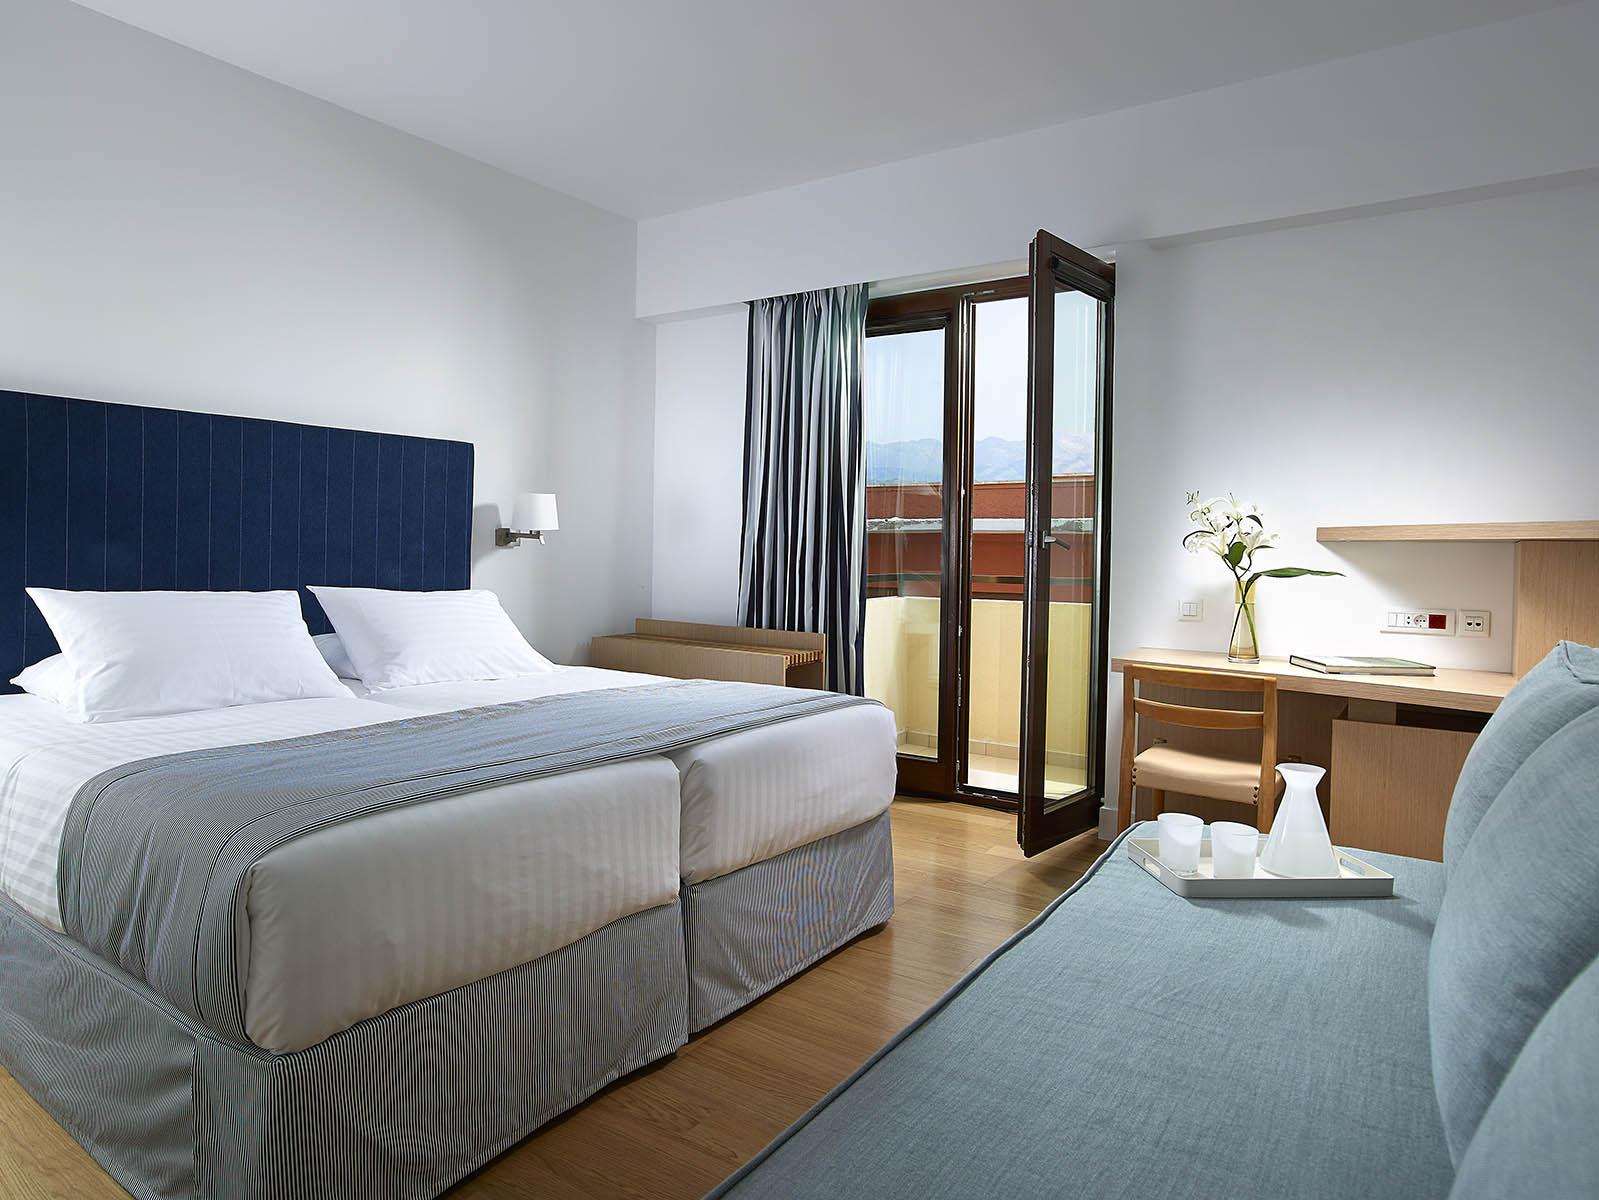 δωματια στα χανια - Porto Veneziano Hotel